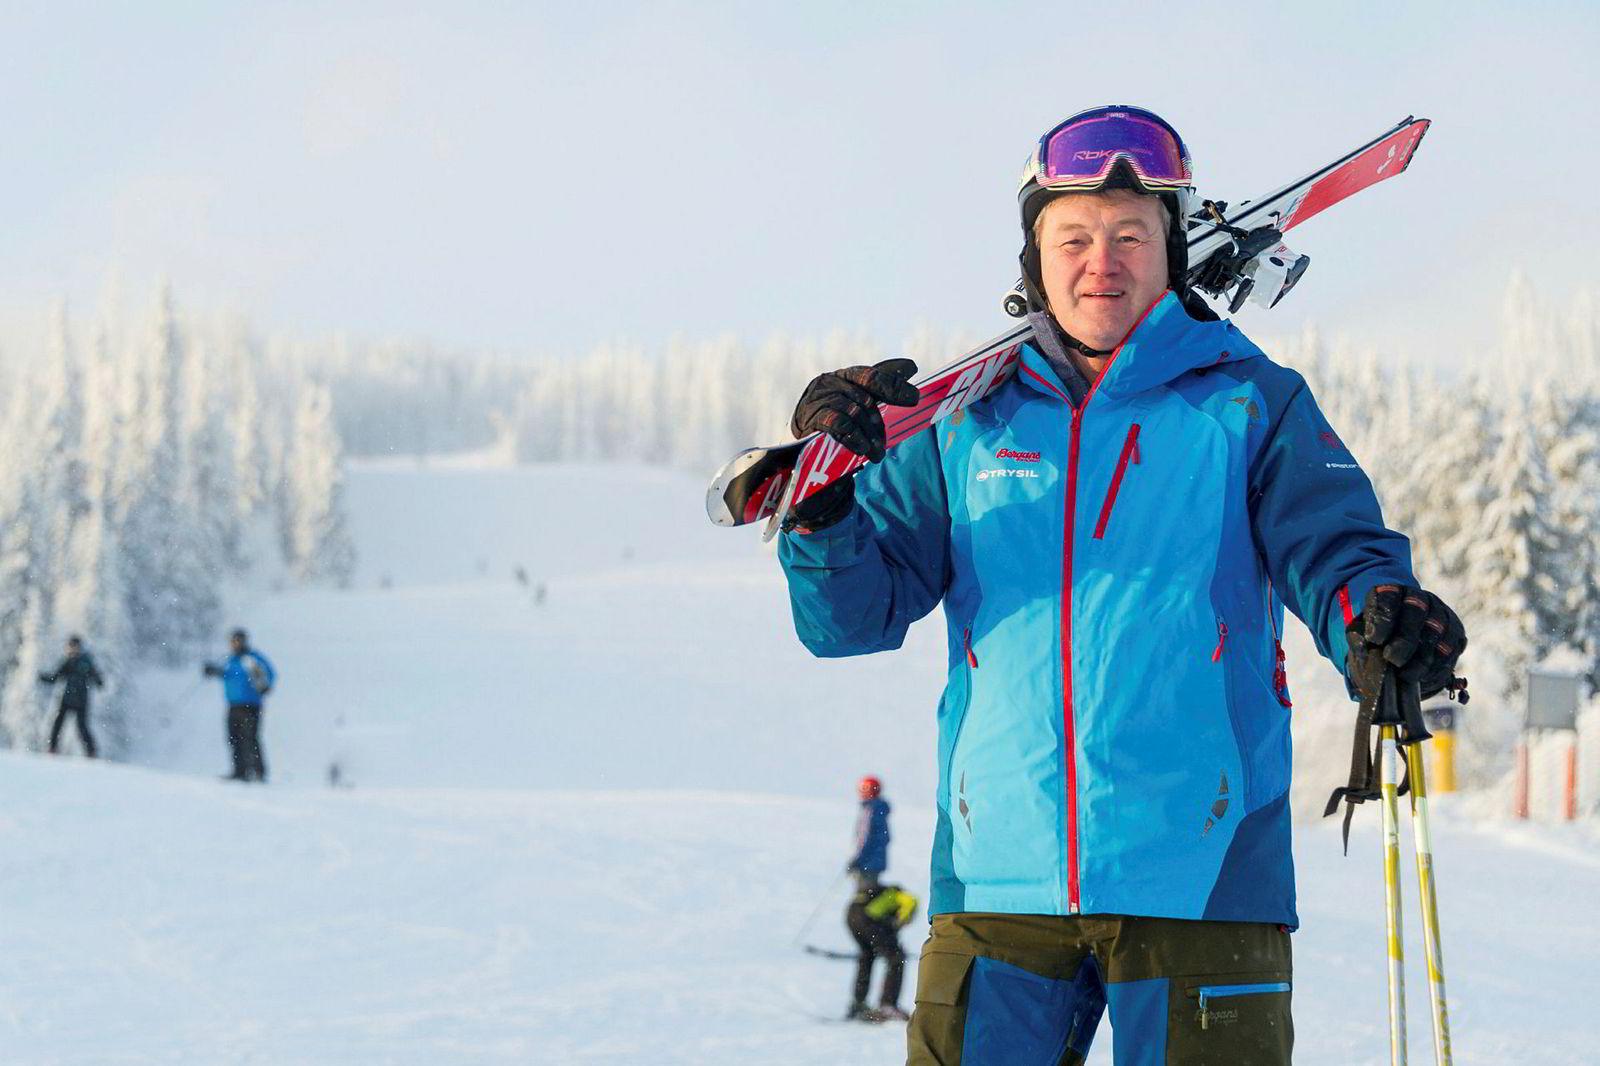 Direktør Bosse Halvardsson i alpinkonsernet Skistar på Trysil.